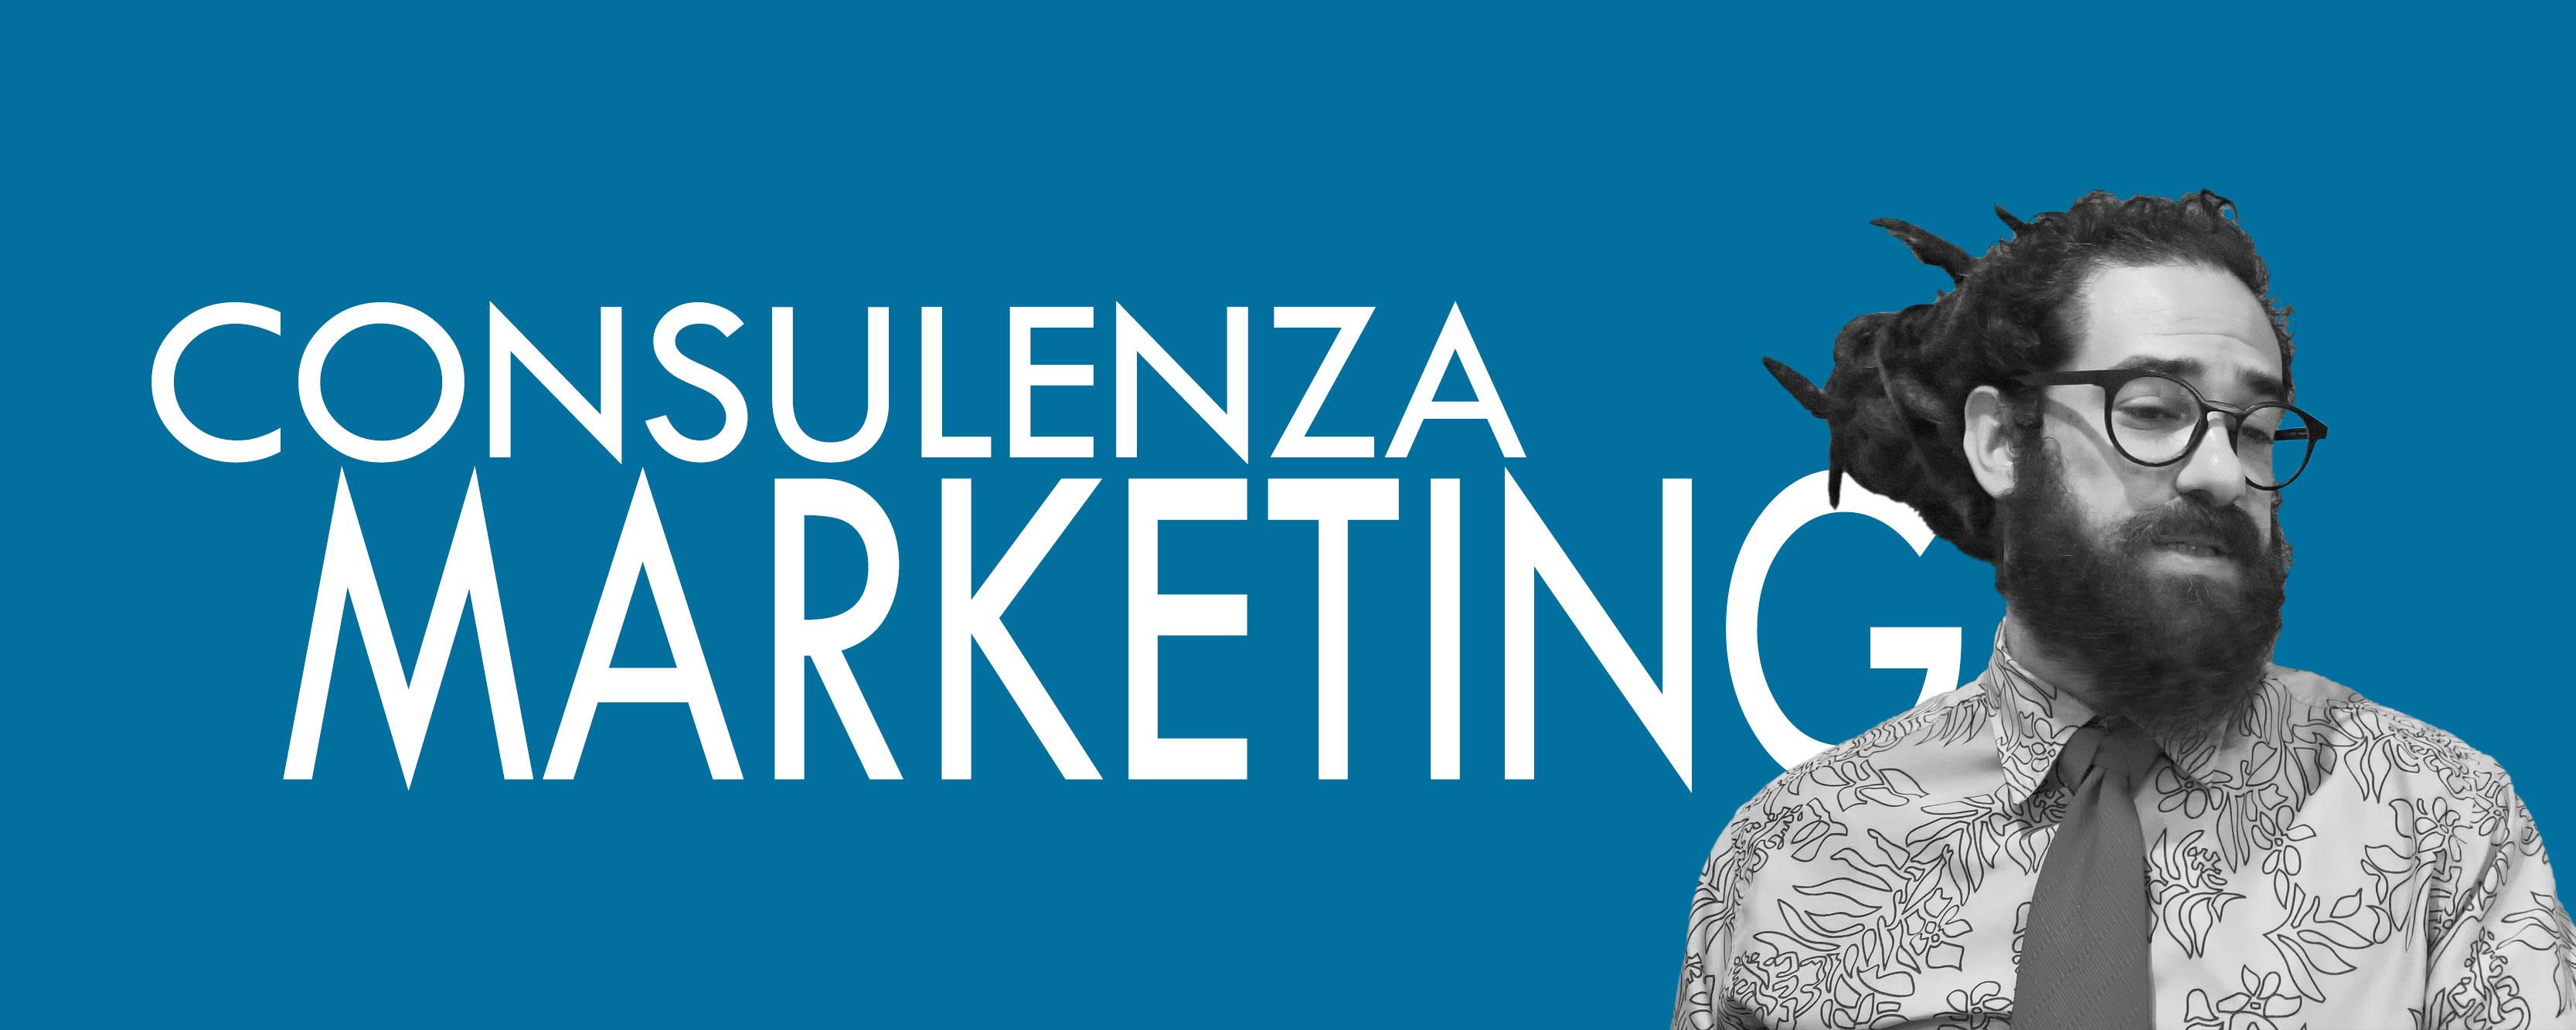 Marketing - Oda Visual Studio